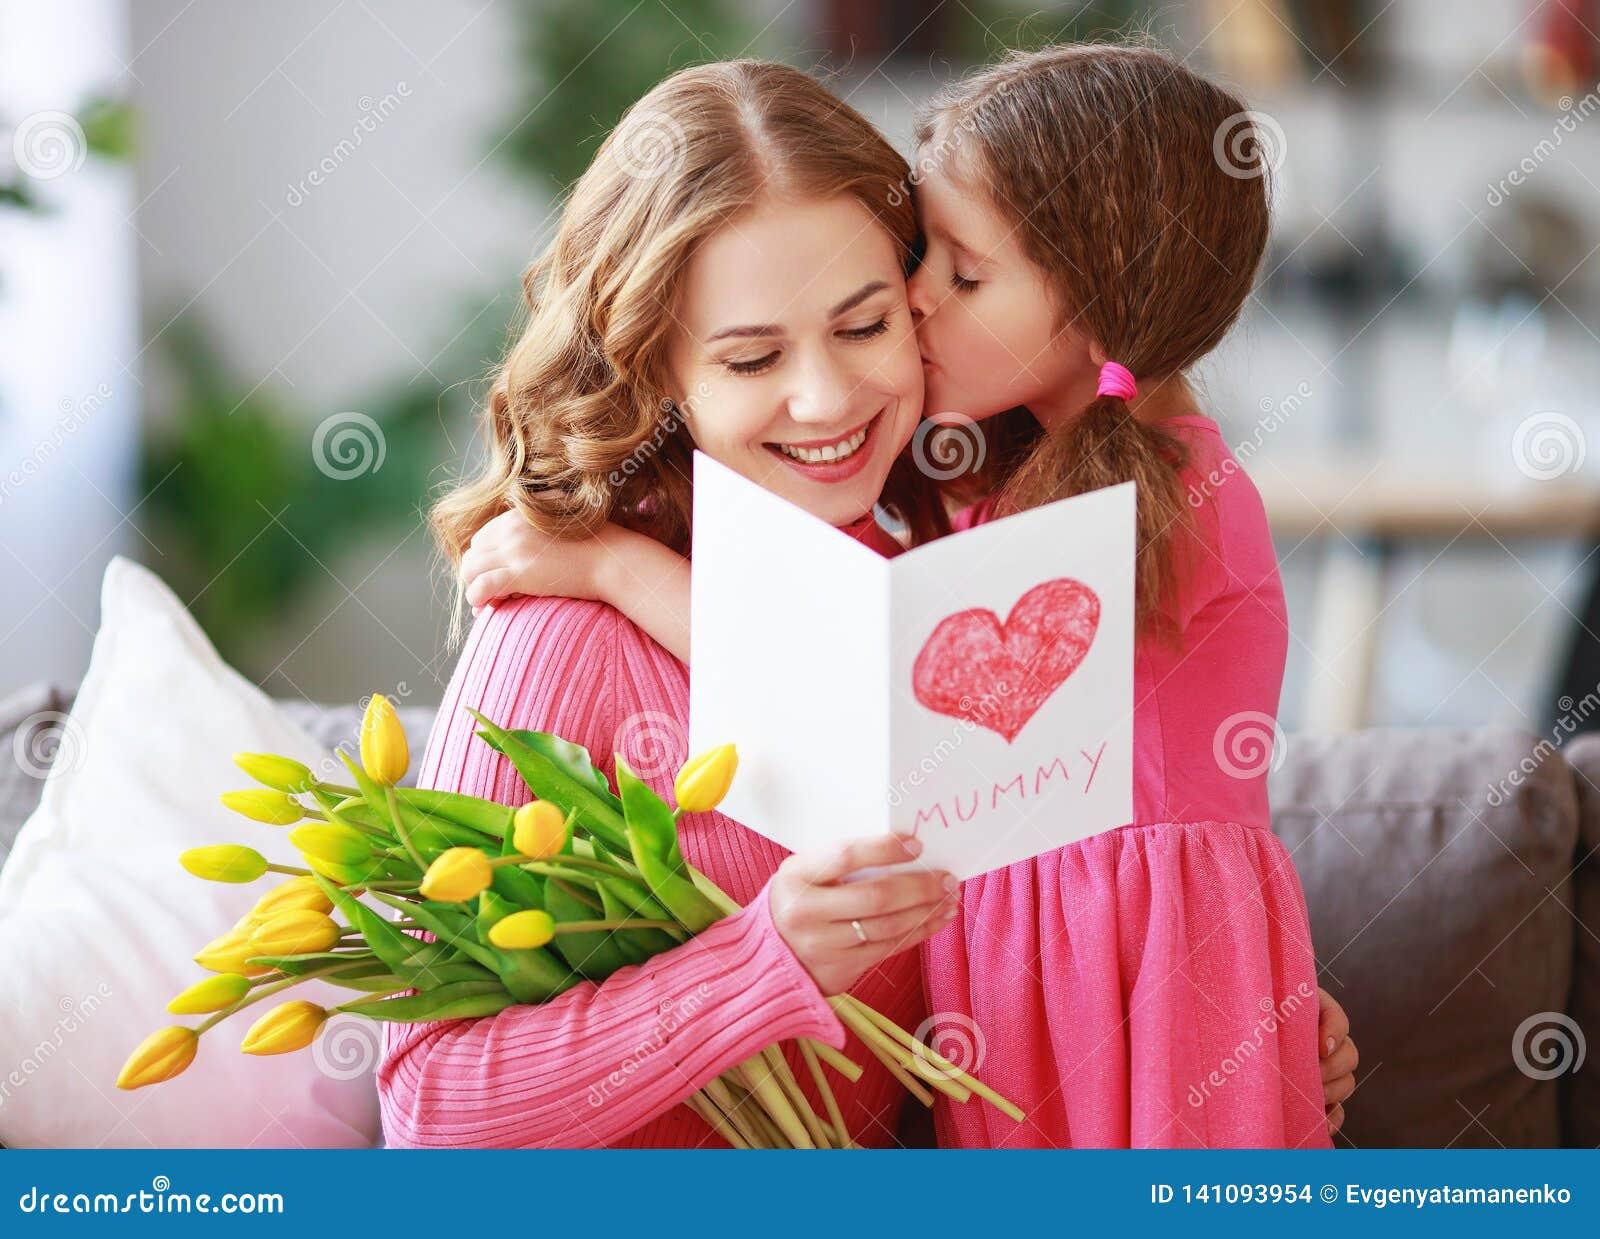 Lyckliga moders dag! barndottern ger modern en bukett av blommor till tulpan och vykortet